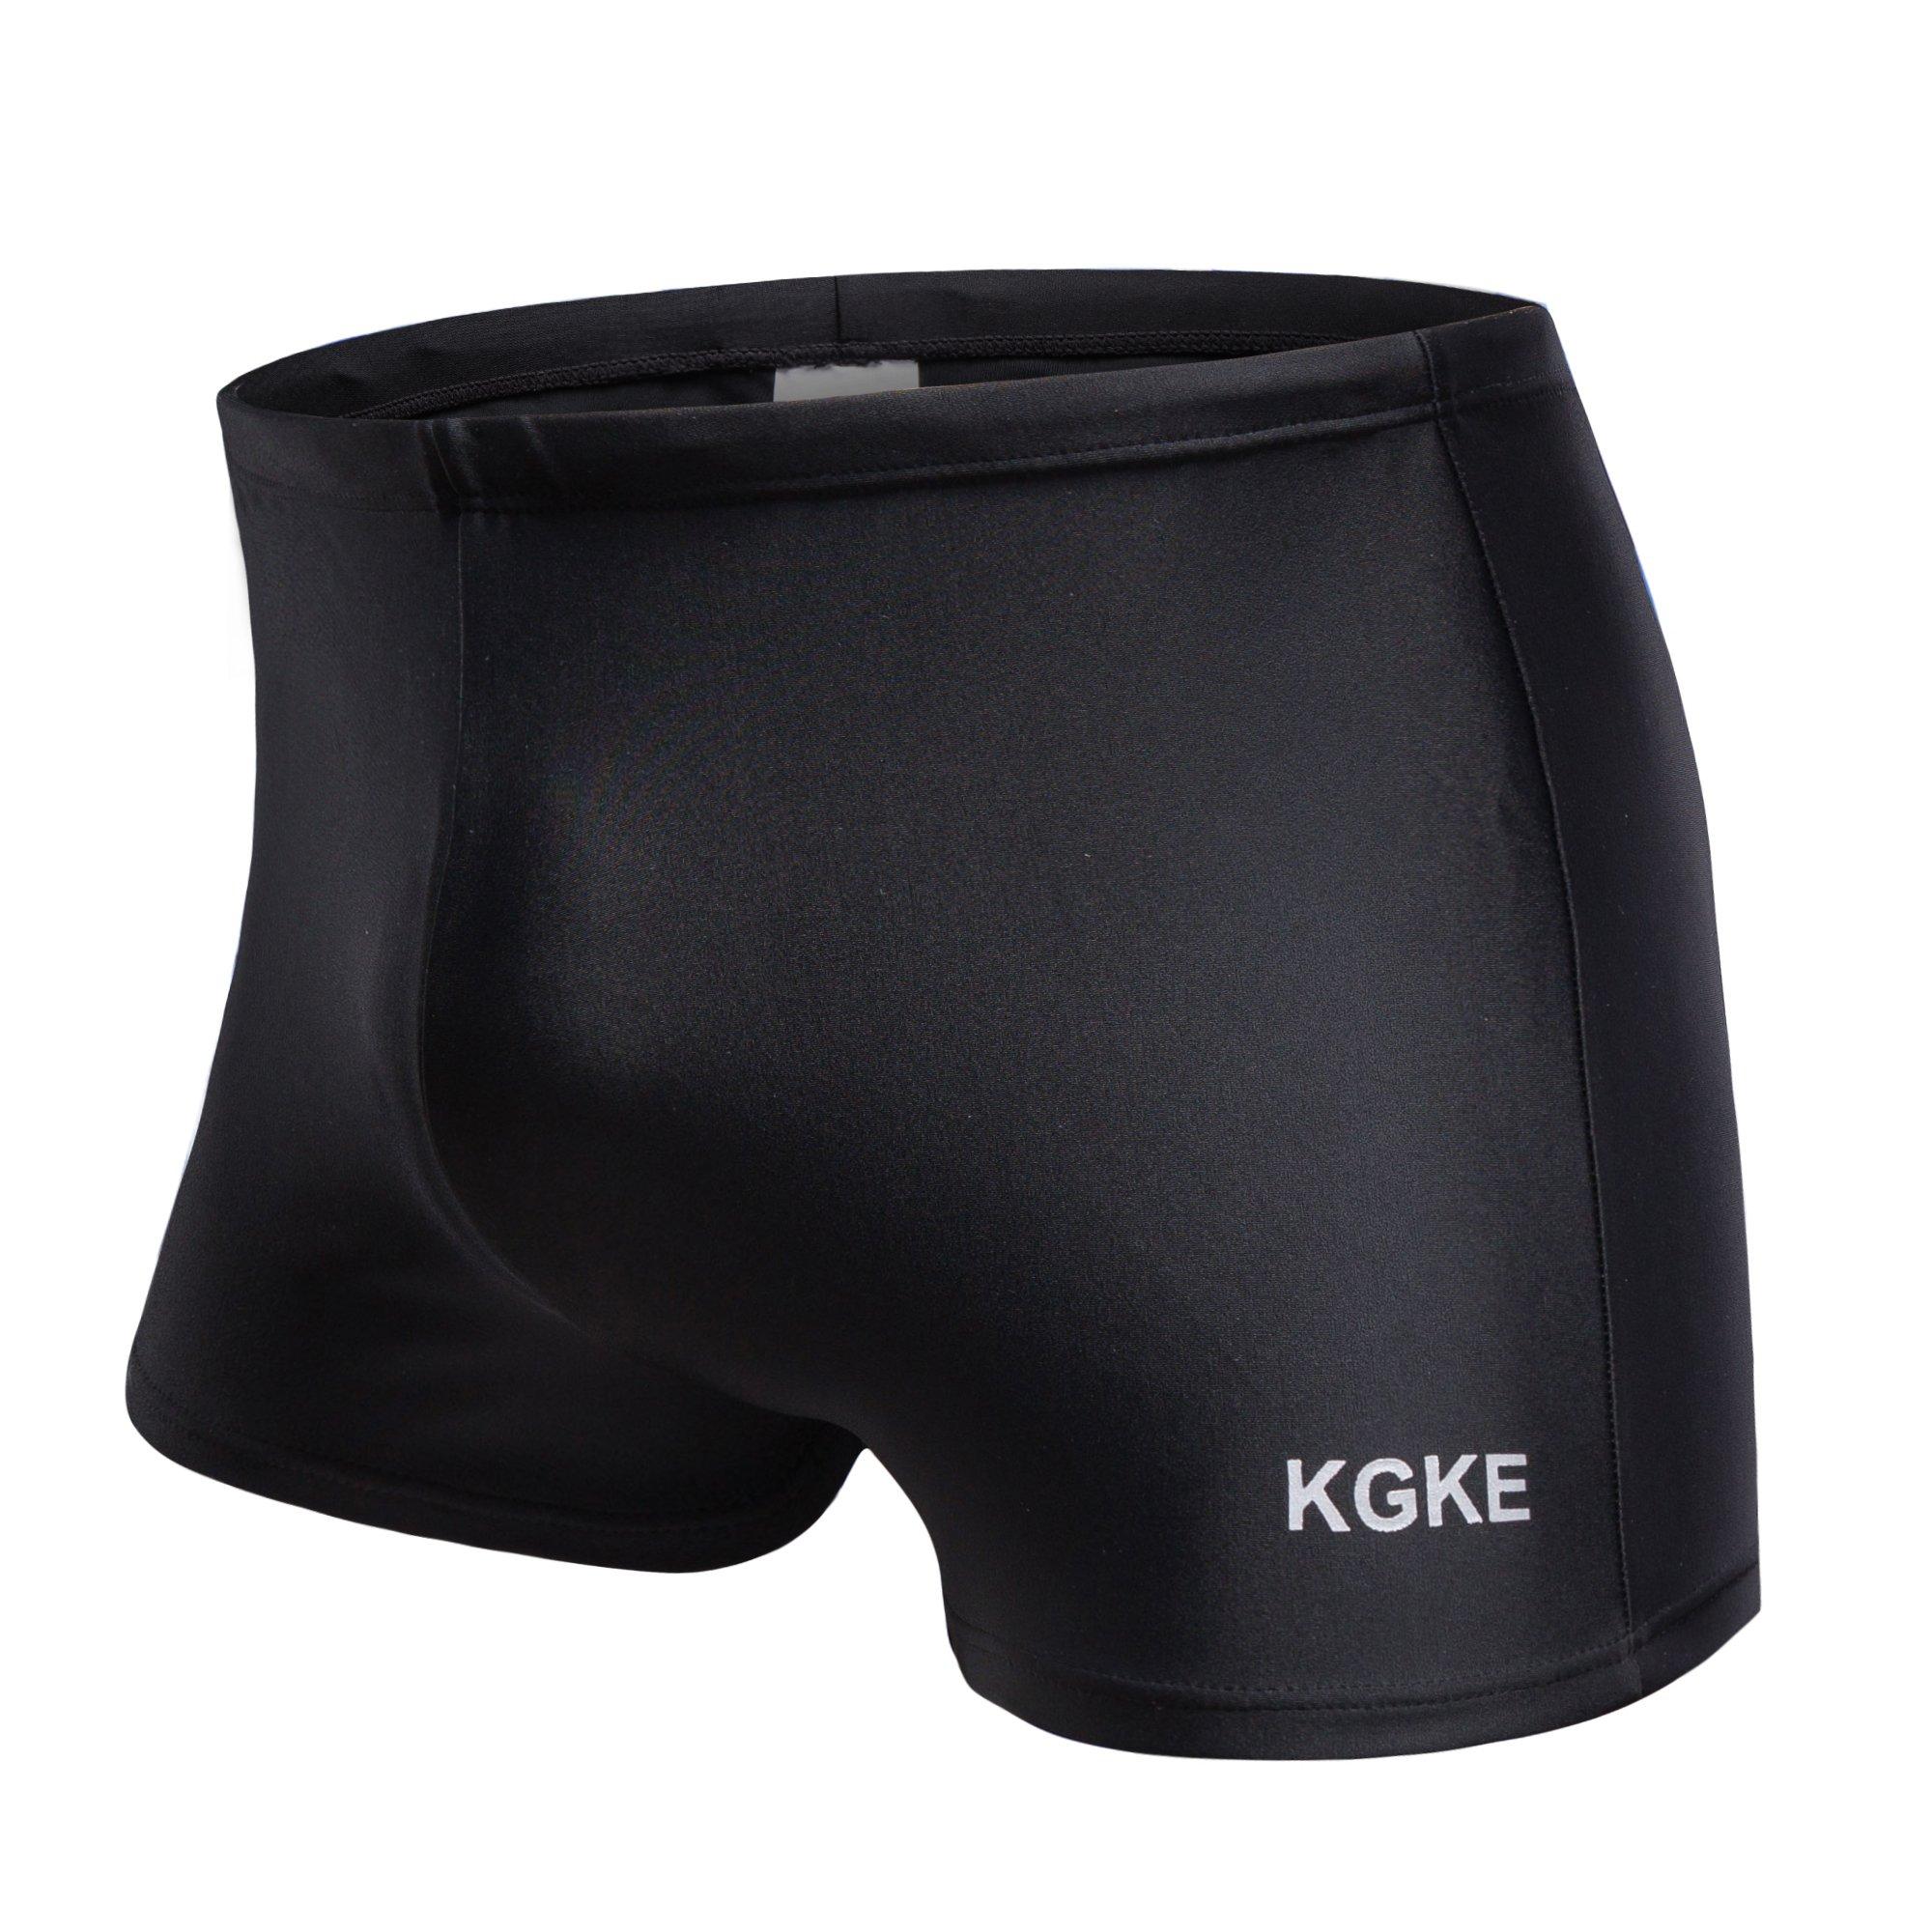 KGKE Swim Boxer Briefs Short Swim Jammer by Nylon Racer Mens Square Leg Swimsuit (Black, L)